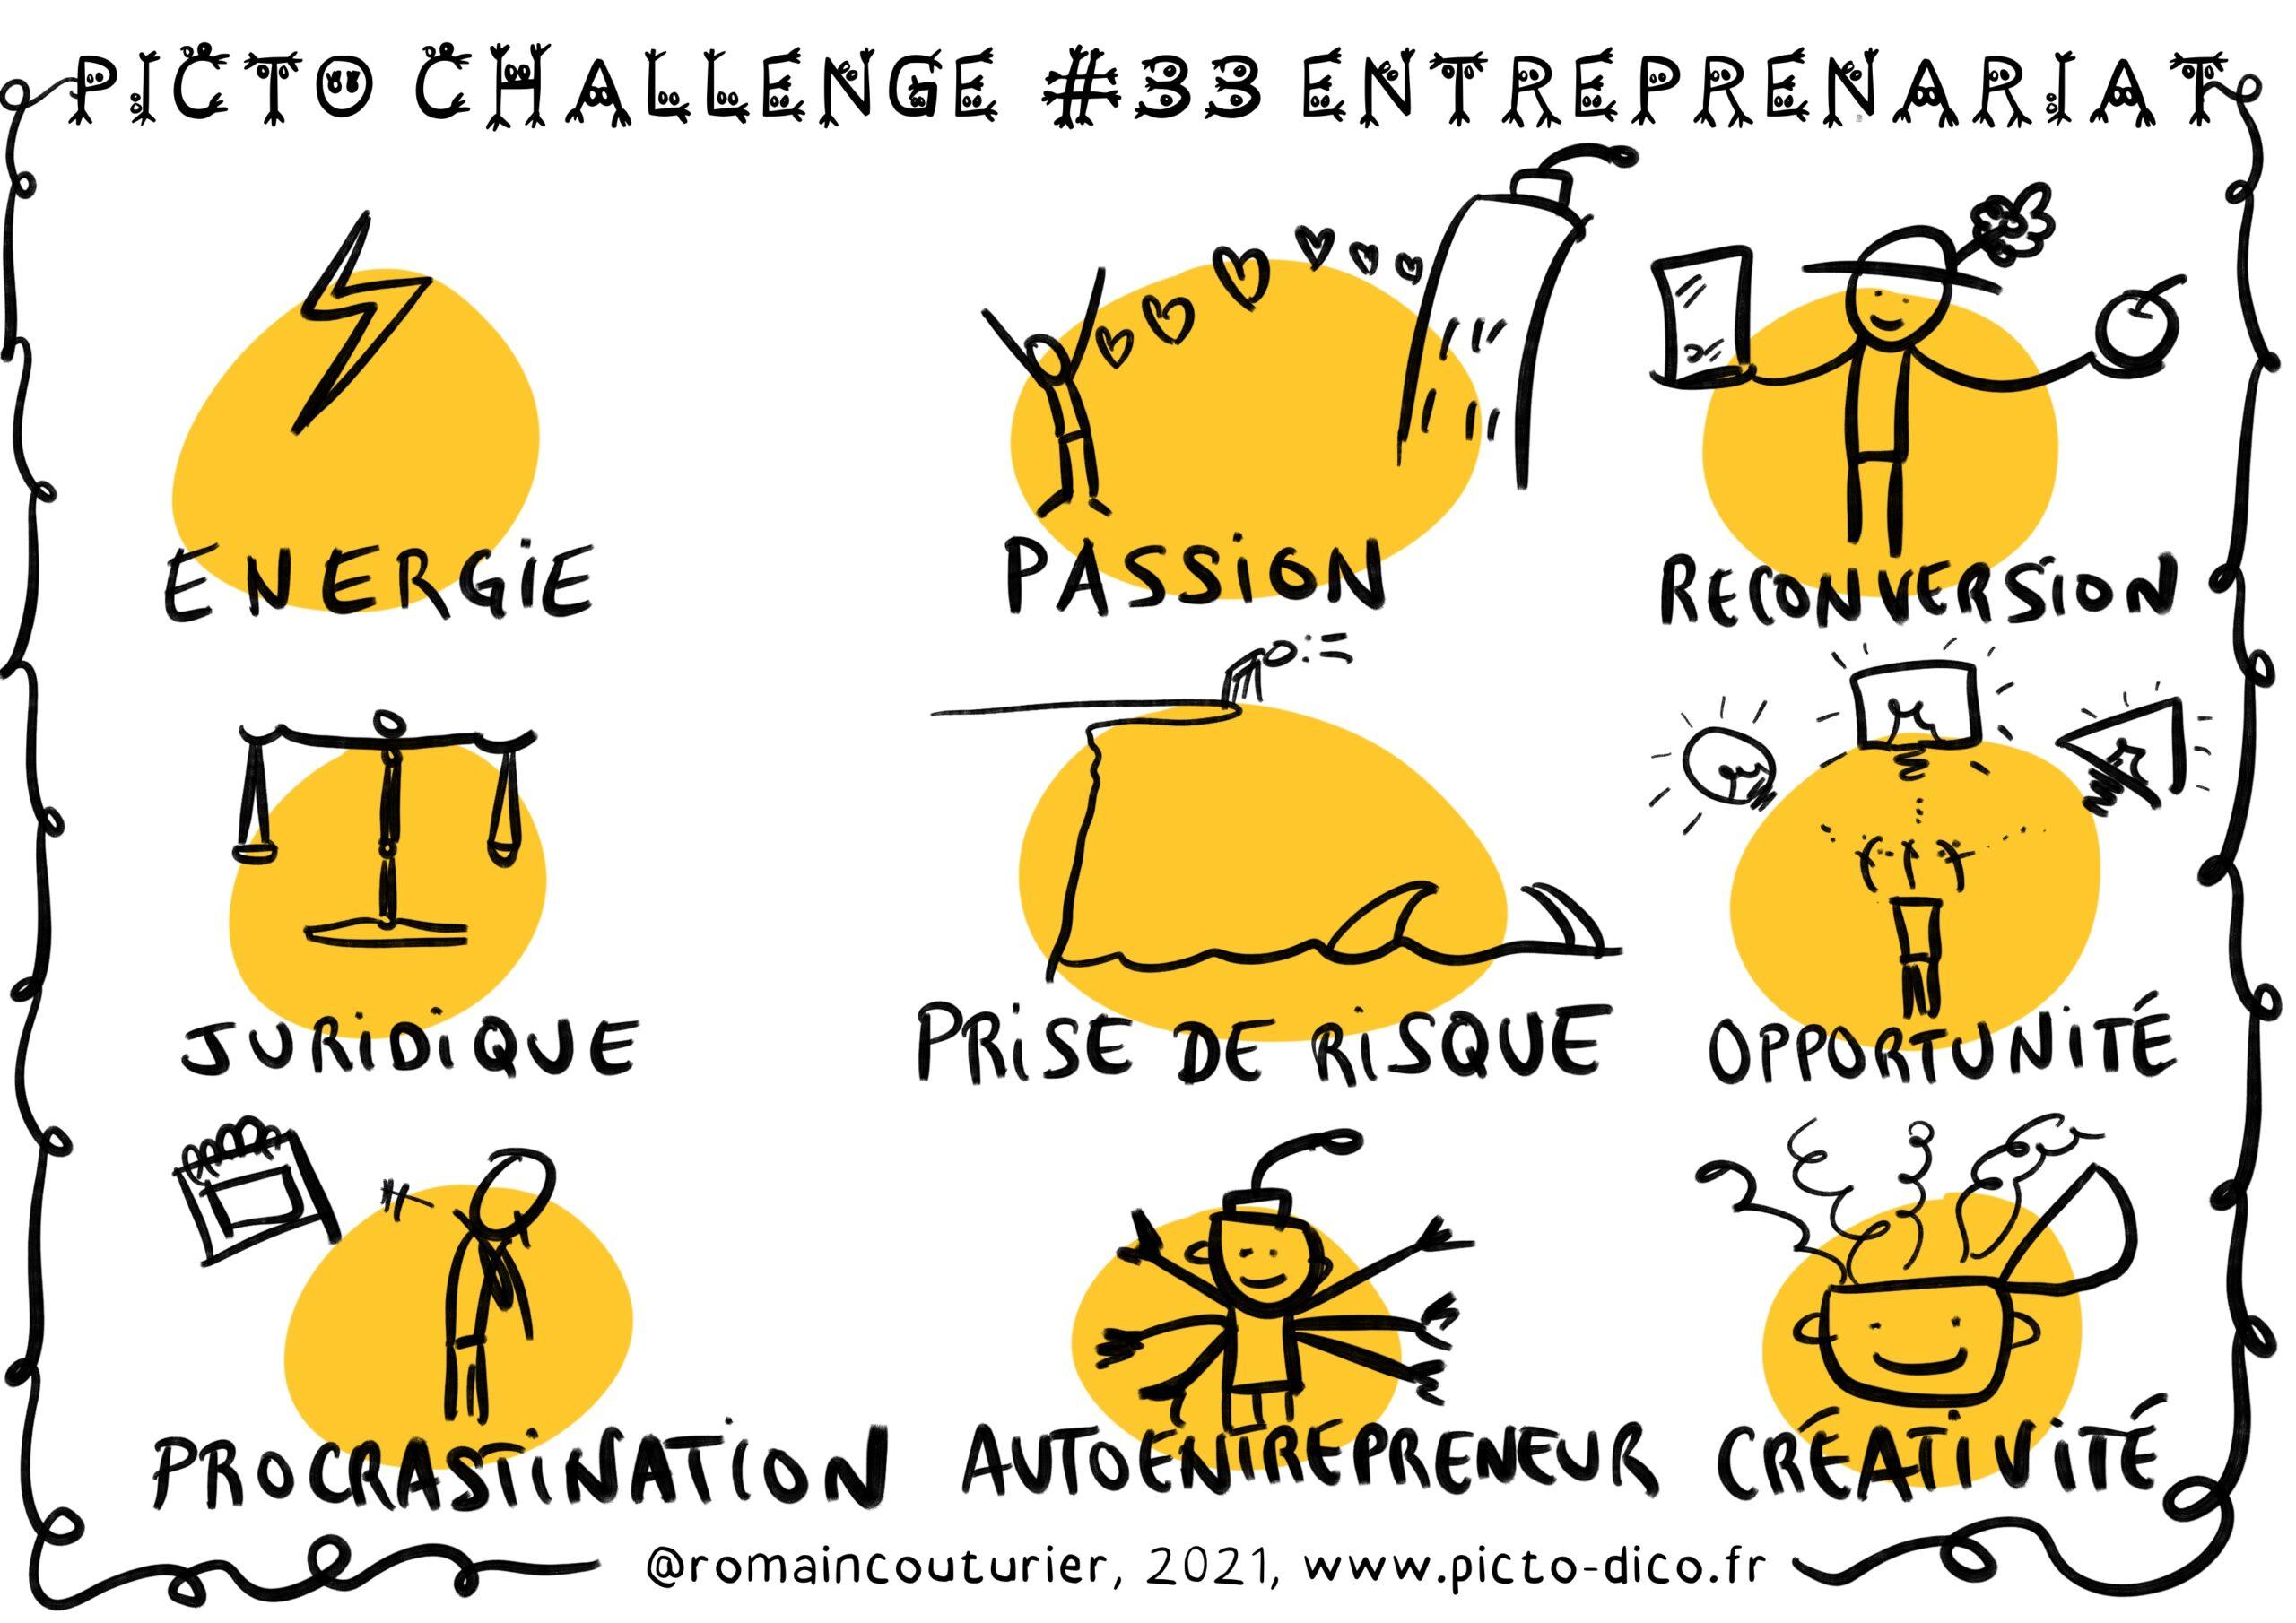 PictoChallenge n°33 spécial Entrepreneuriat